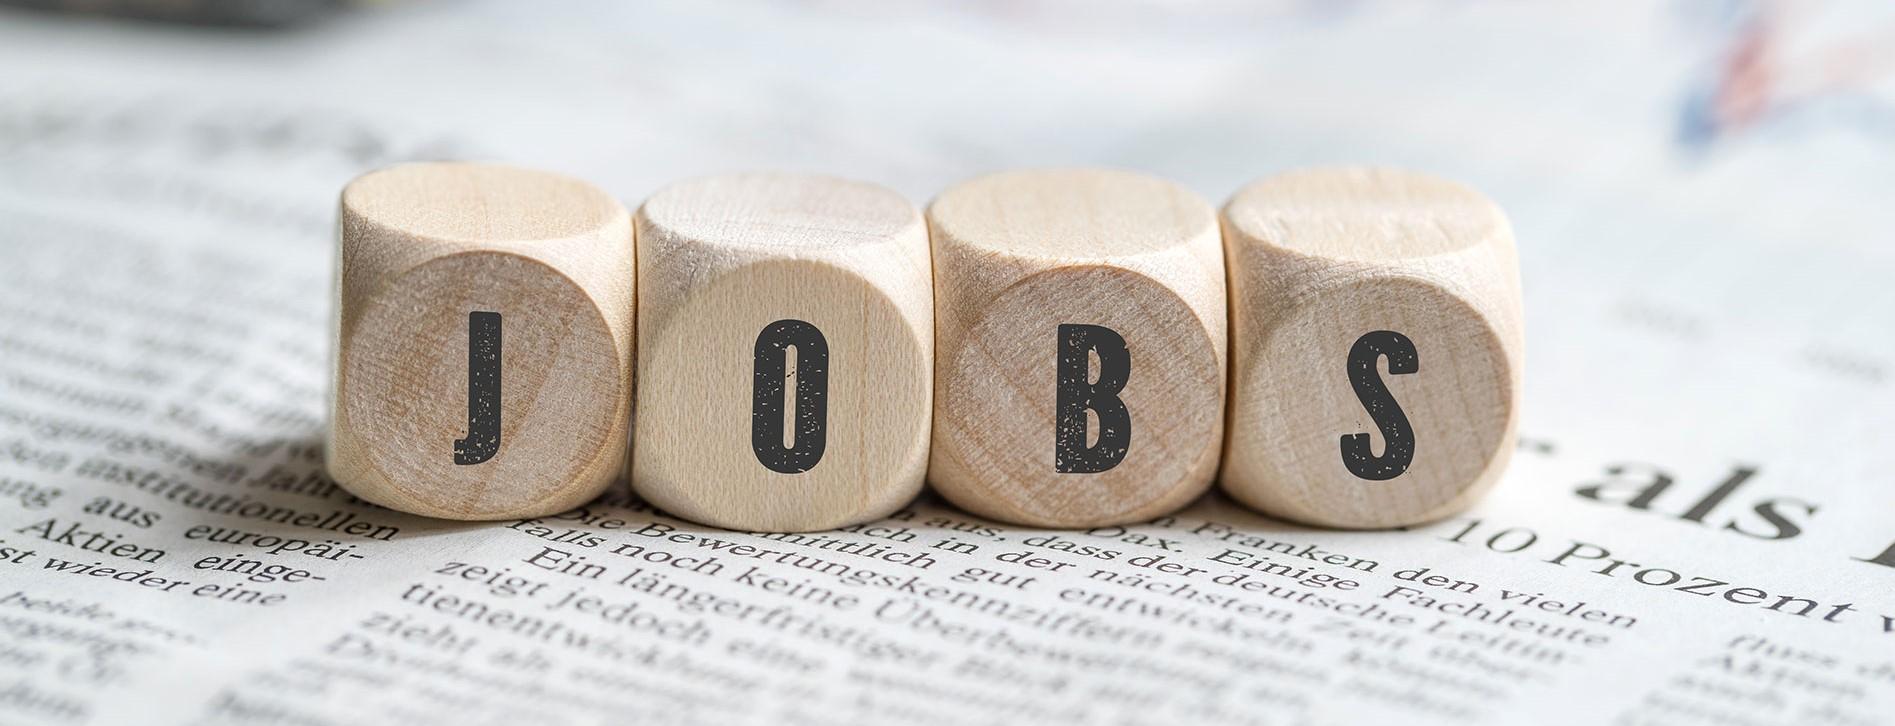 """Würfel, die das Wort """"Jobs"""" bilden"""